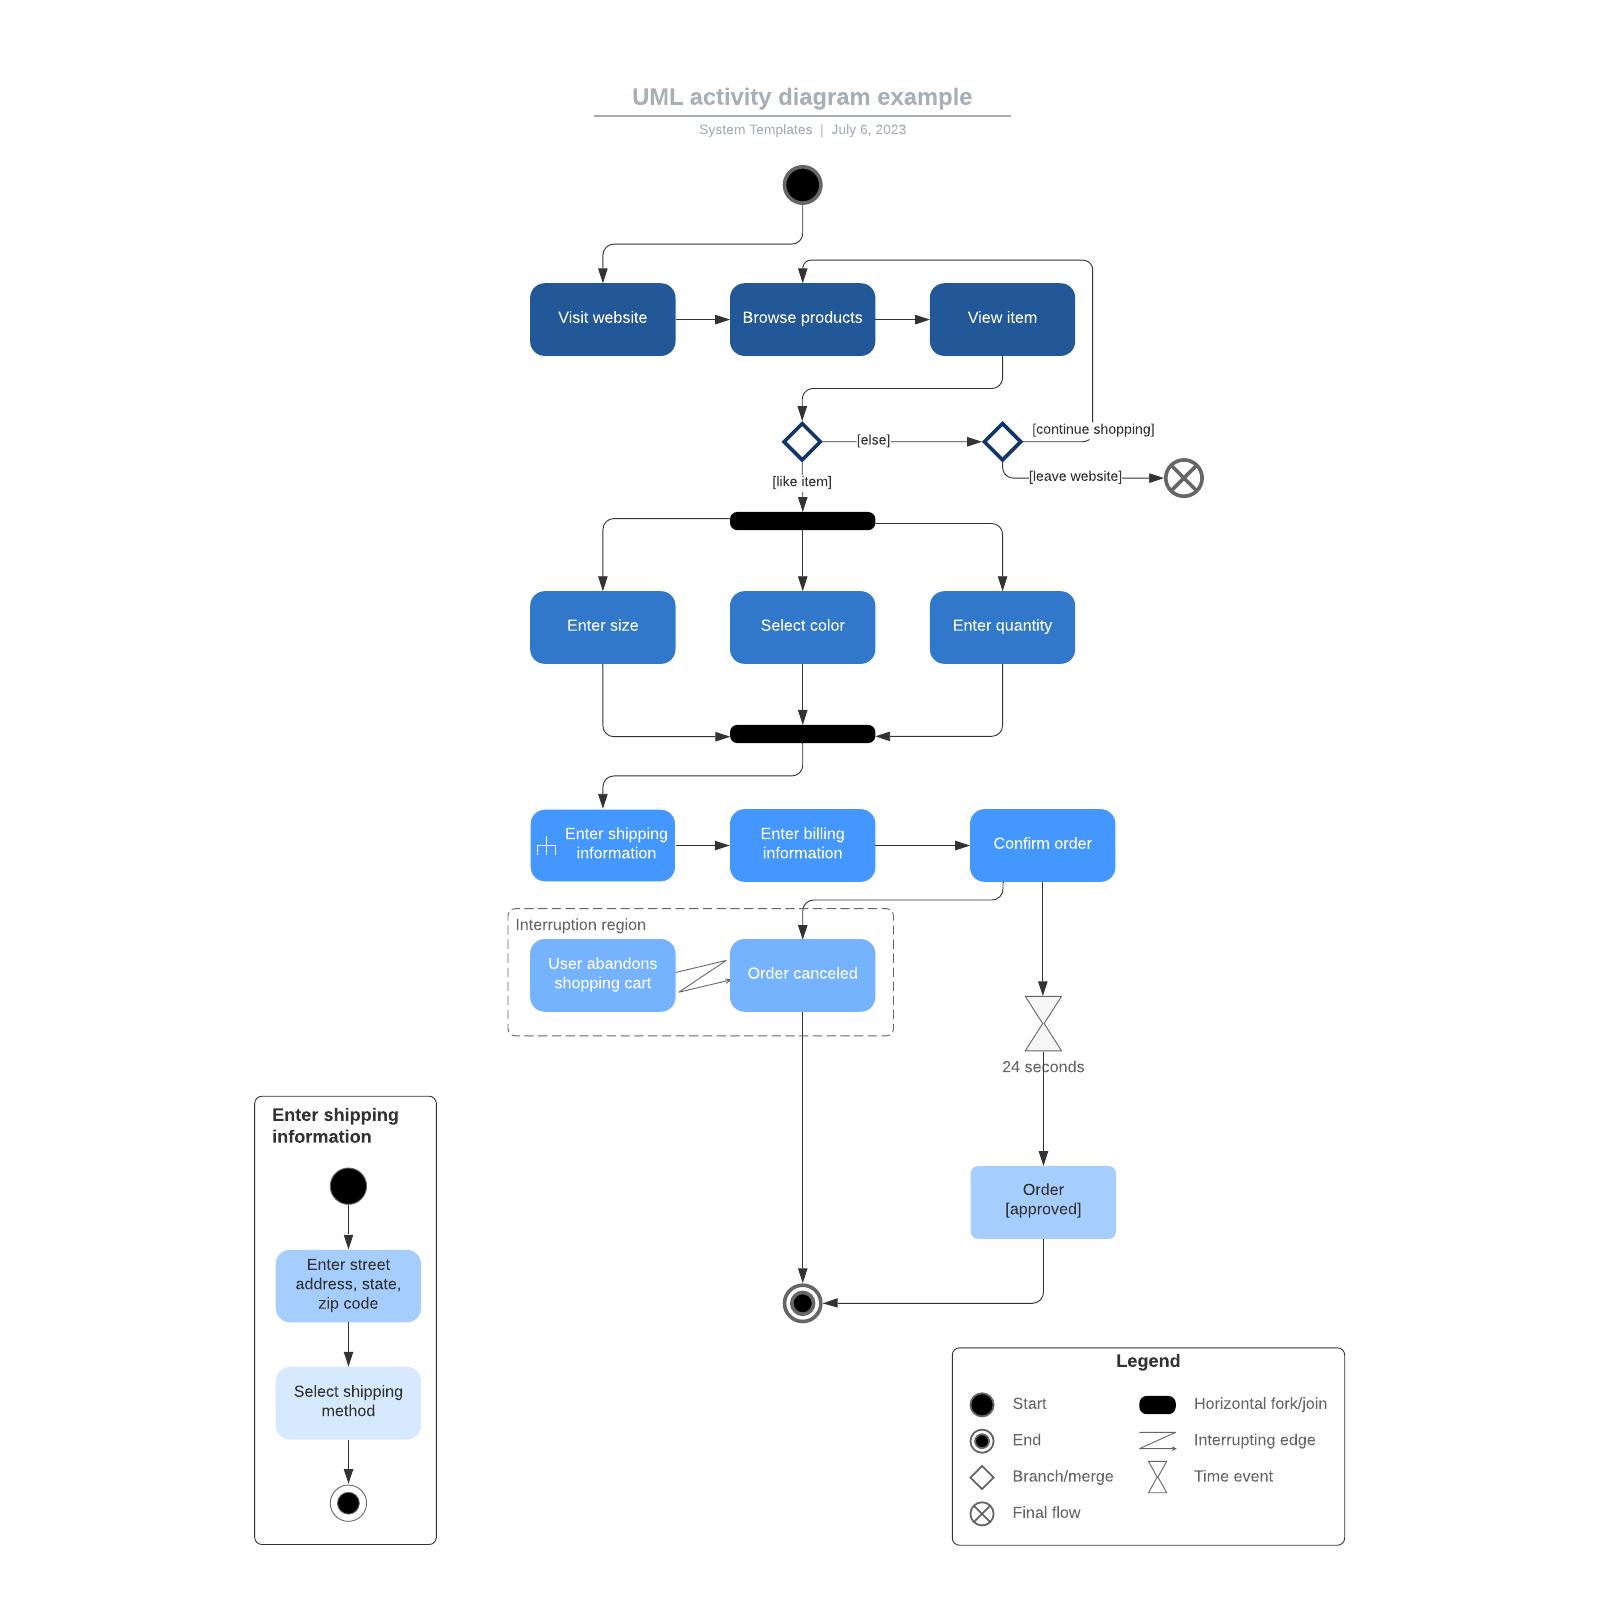 UML activity diagram example